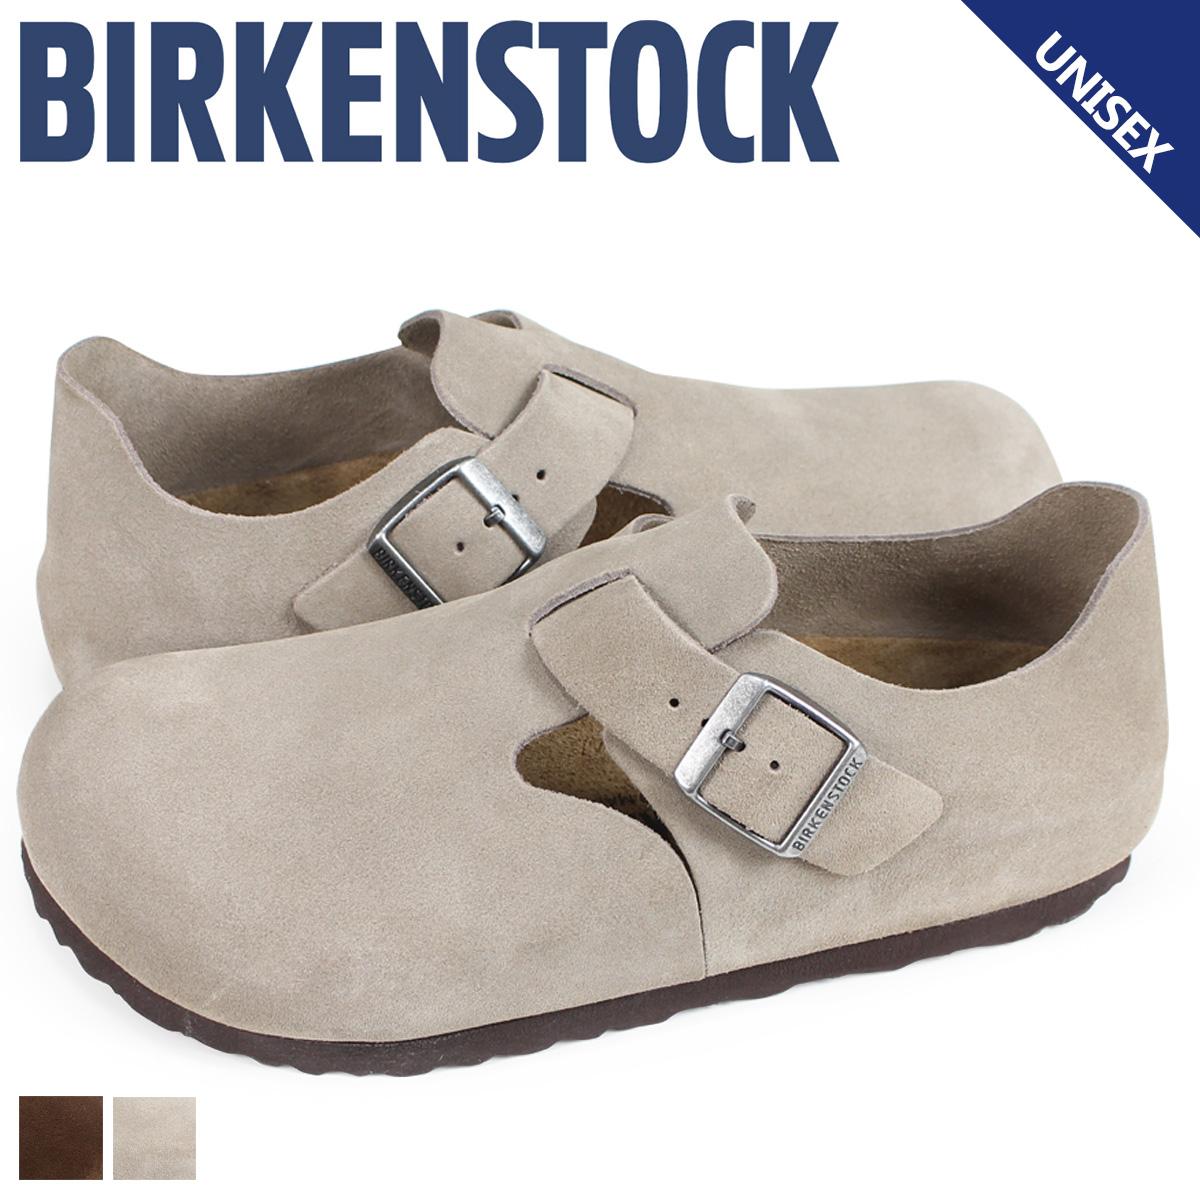 BIRKENSTOCK ロンドン メンズ レディース ビルケンシュトック LONDON ビルケン ブーツ シューズ 細幅 普通幅 [9/19 新入荷]